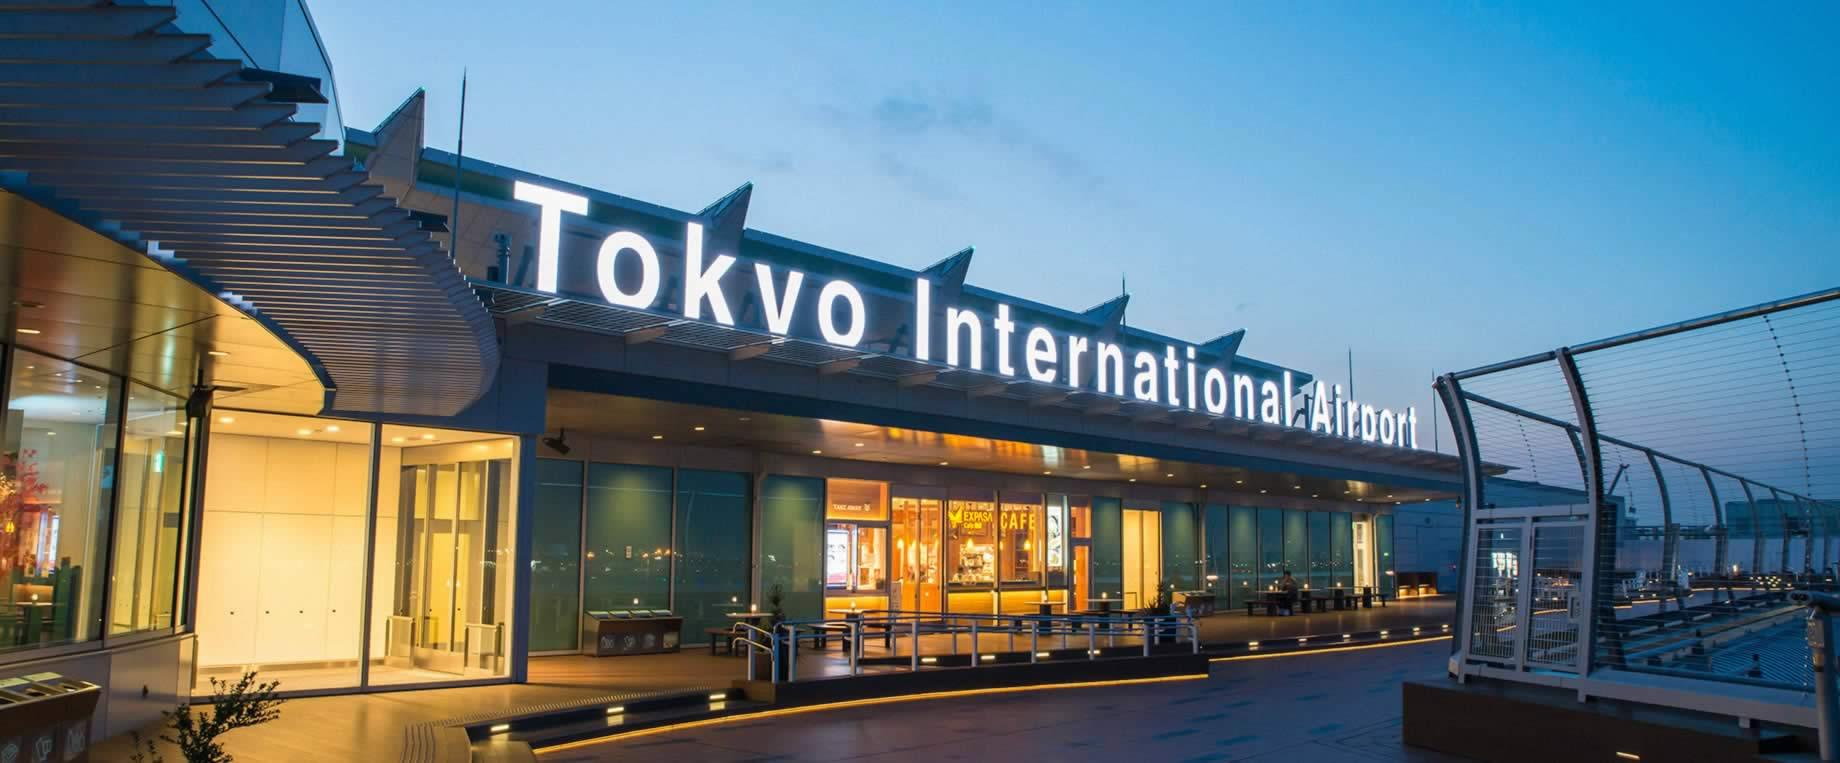 Sân bay Haneda với giải thưởng cho sân bay hiệu quả nhất